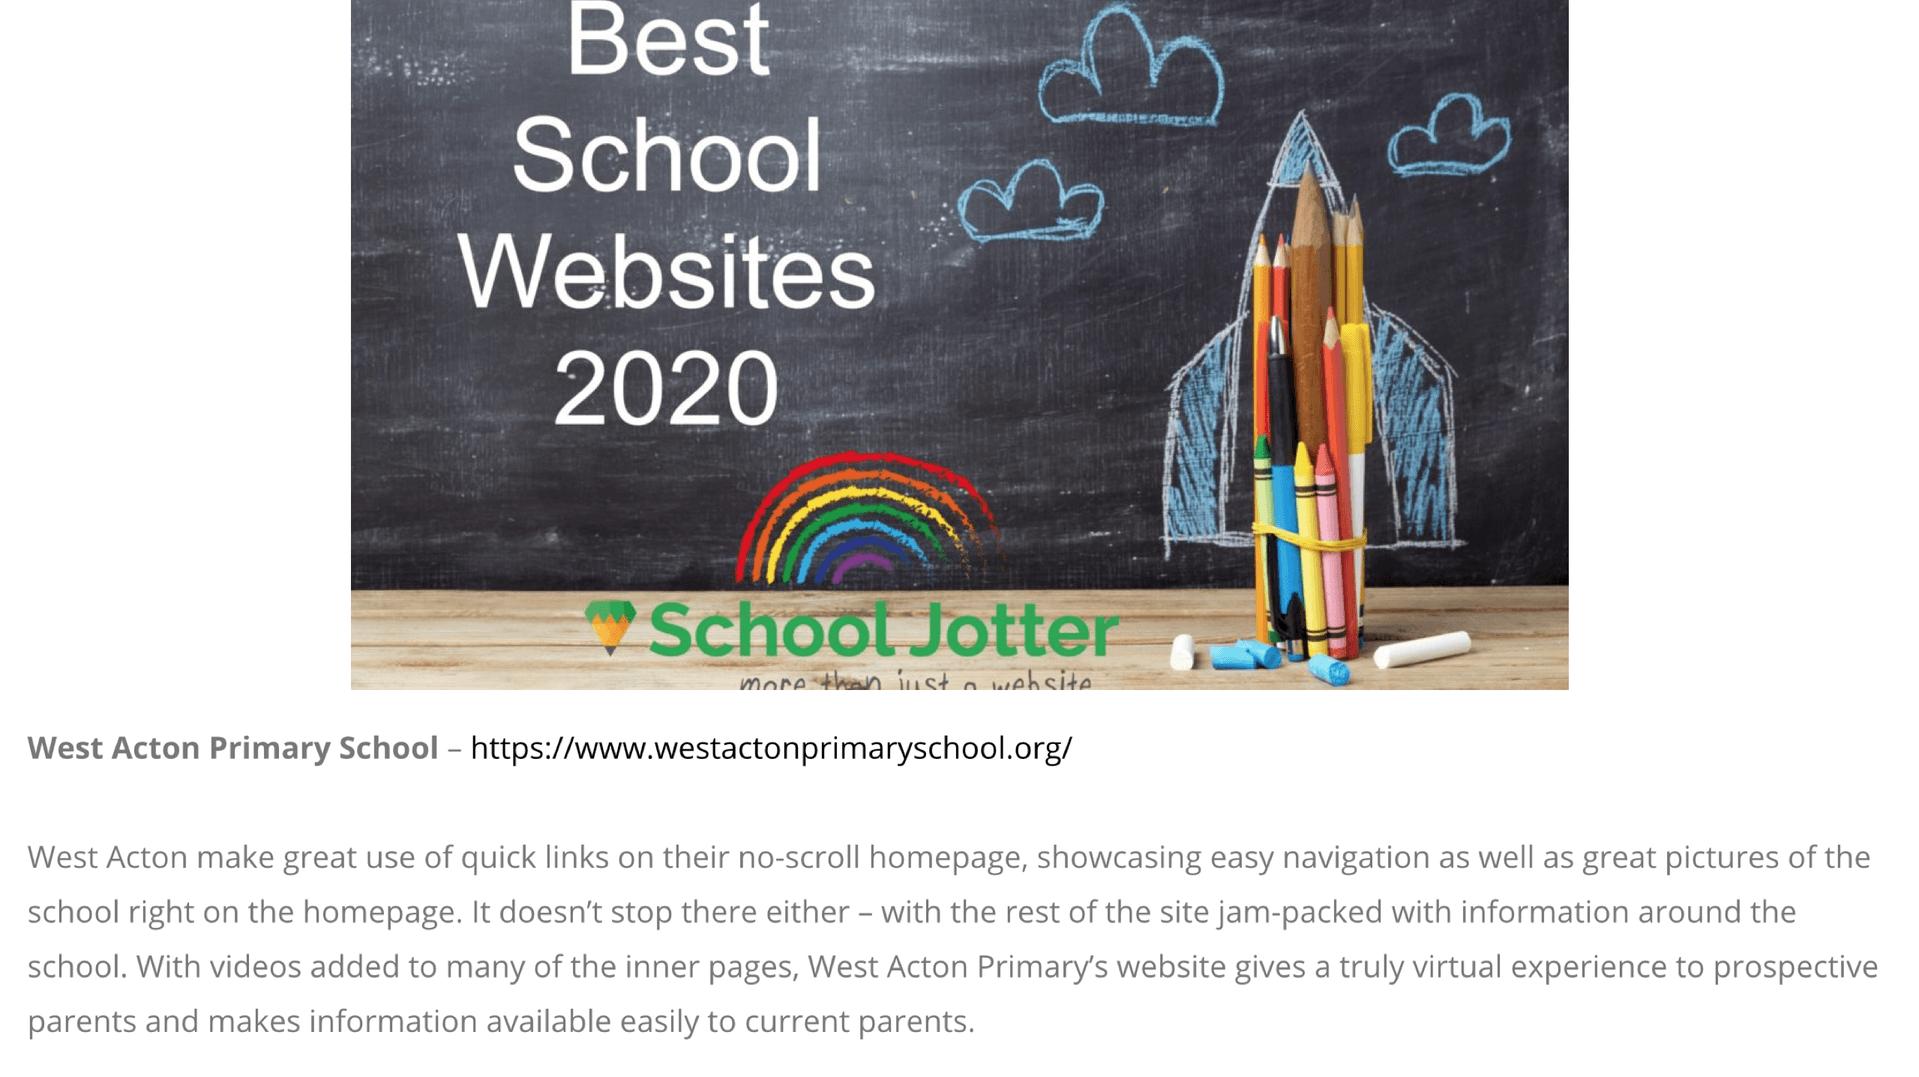 Best School Website 2020